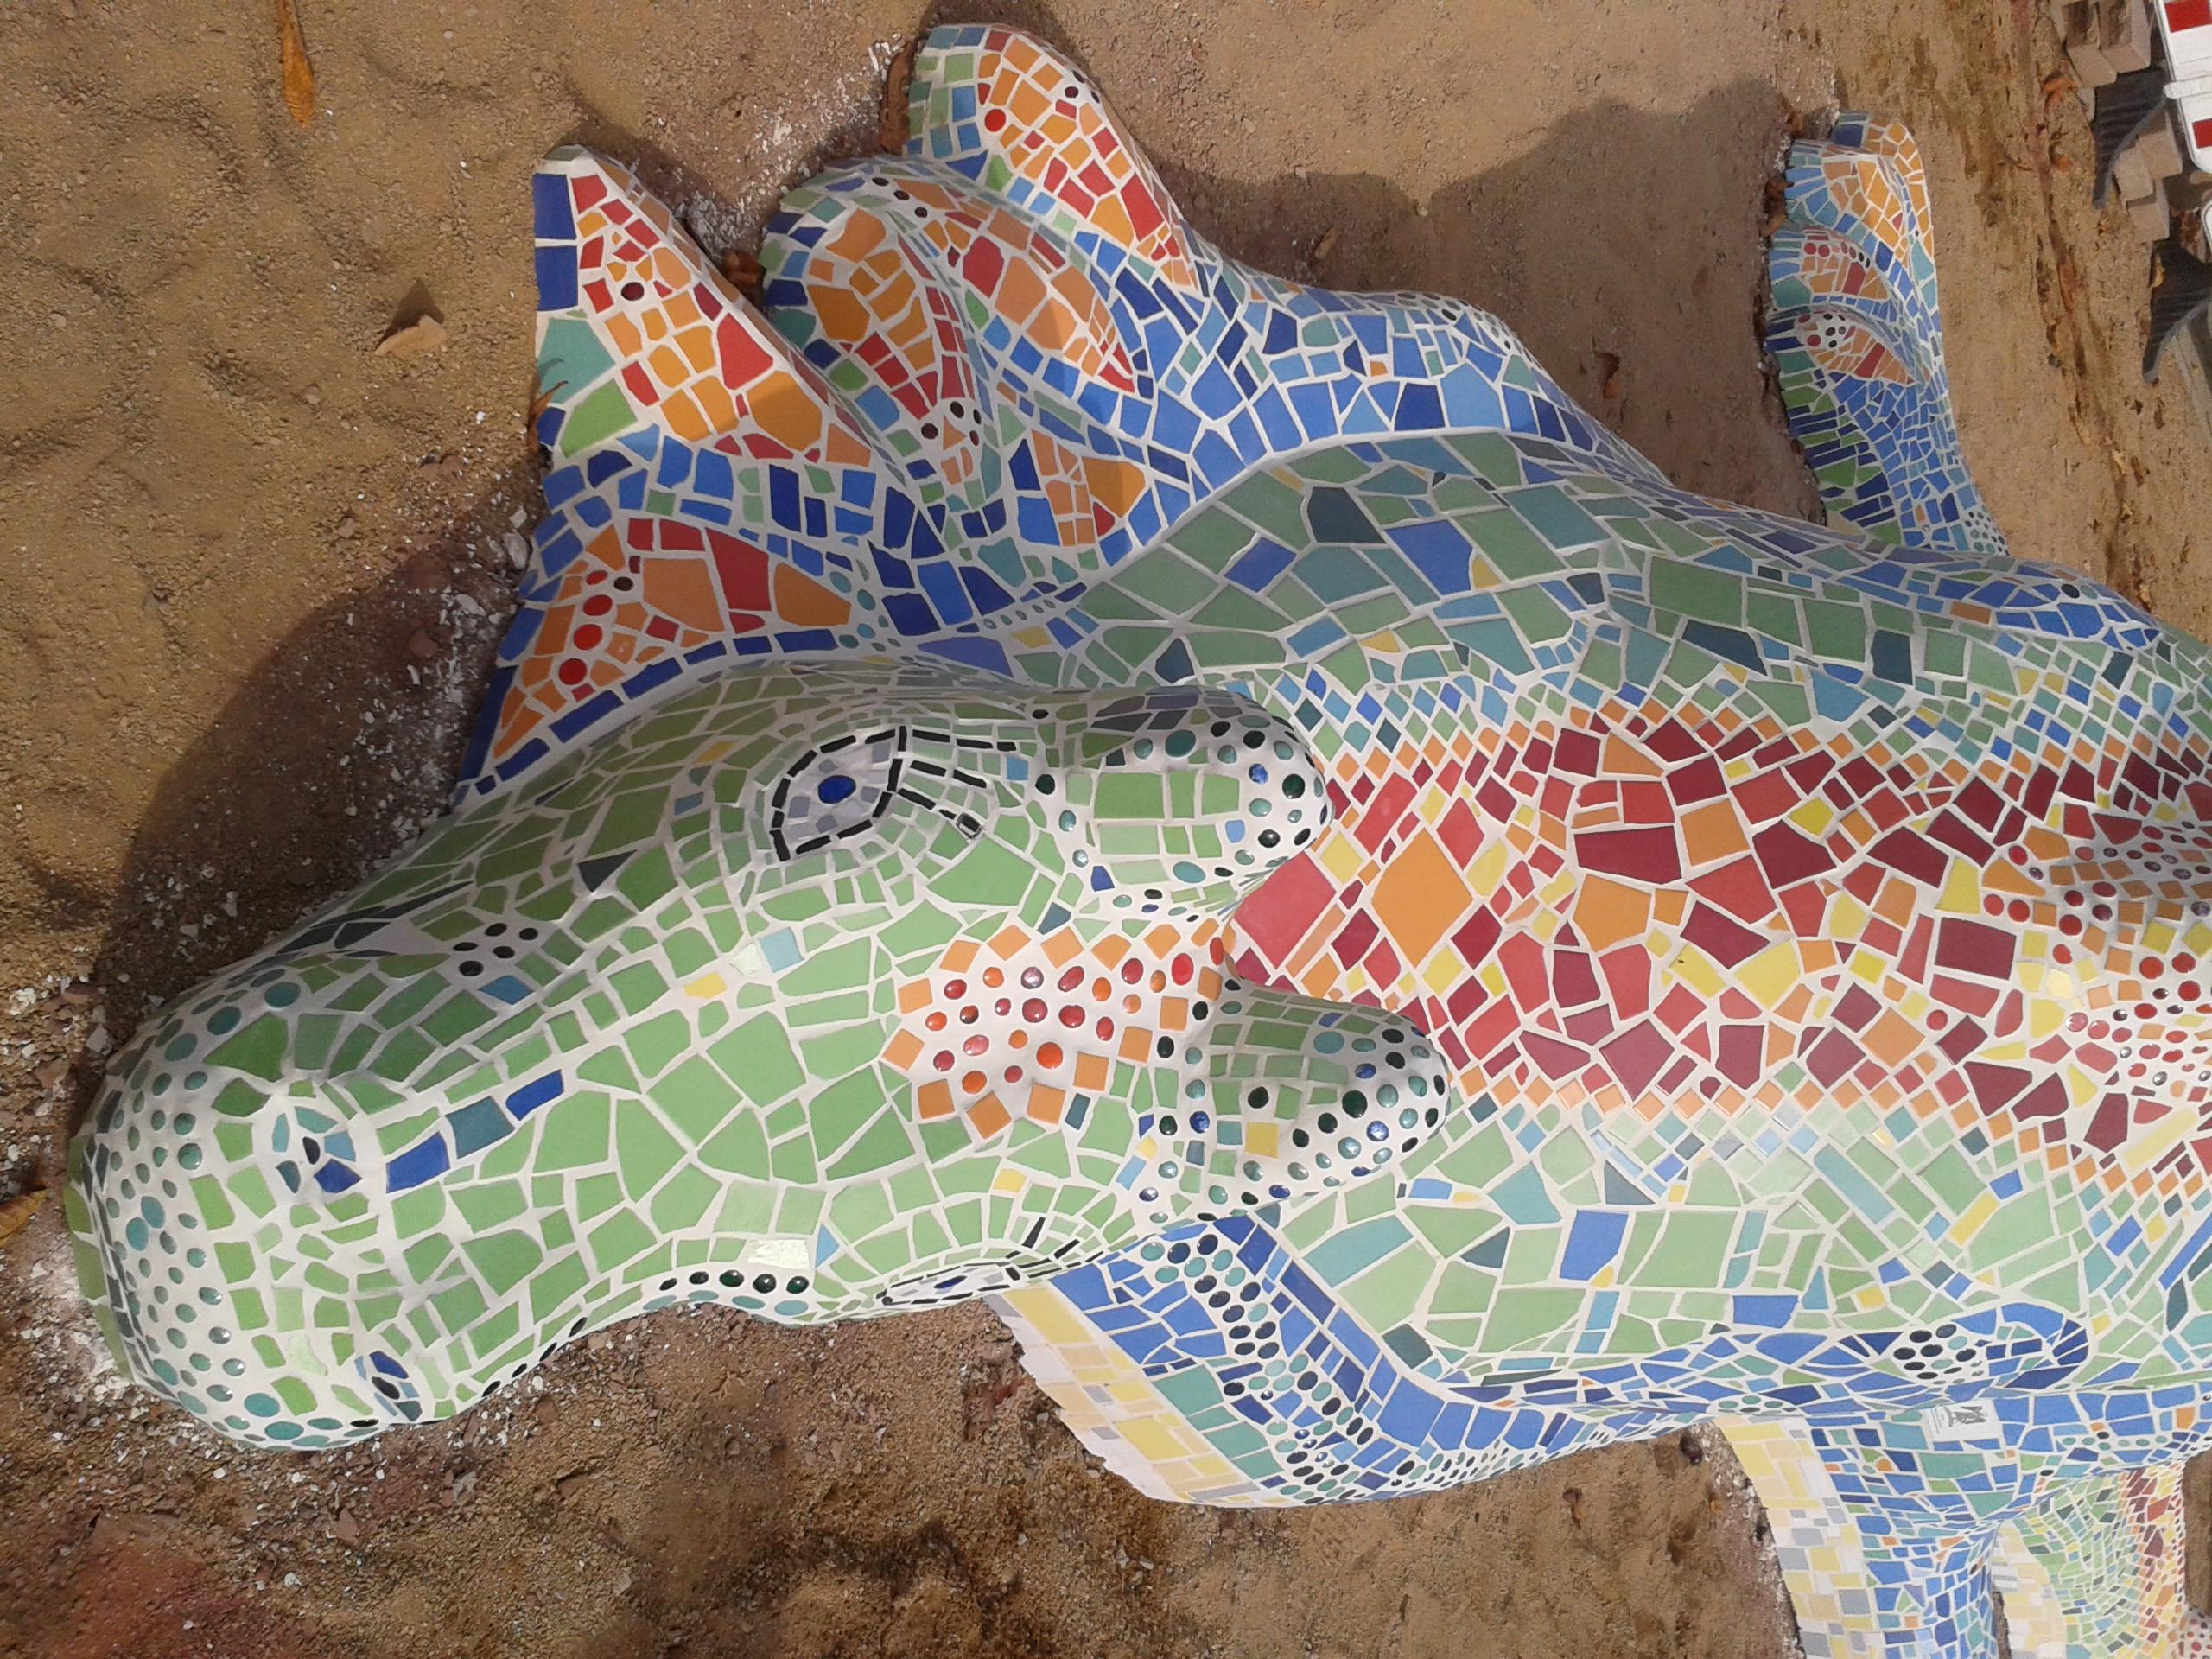 Drache in Beton und Mosaik